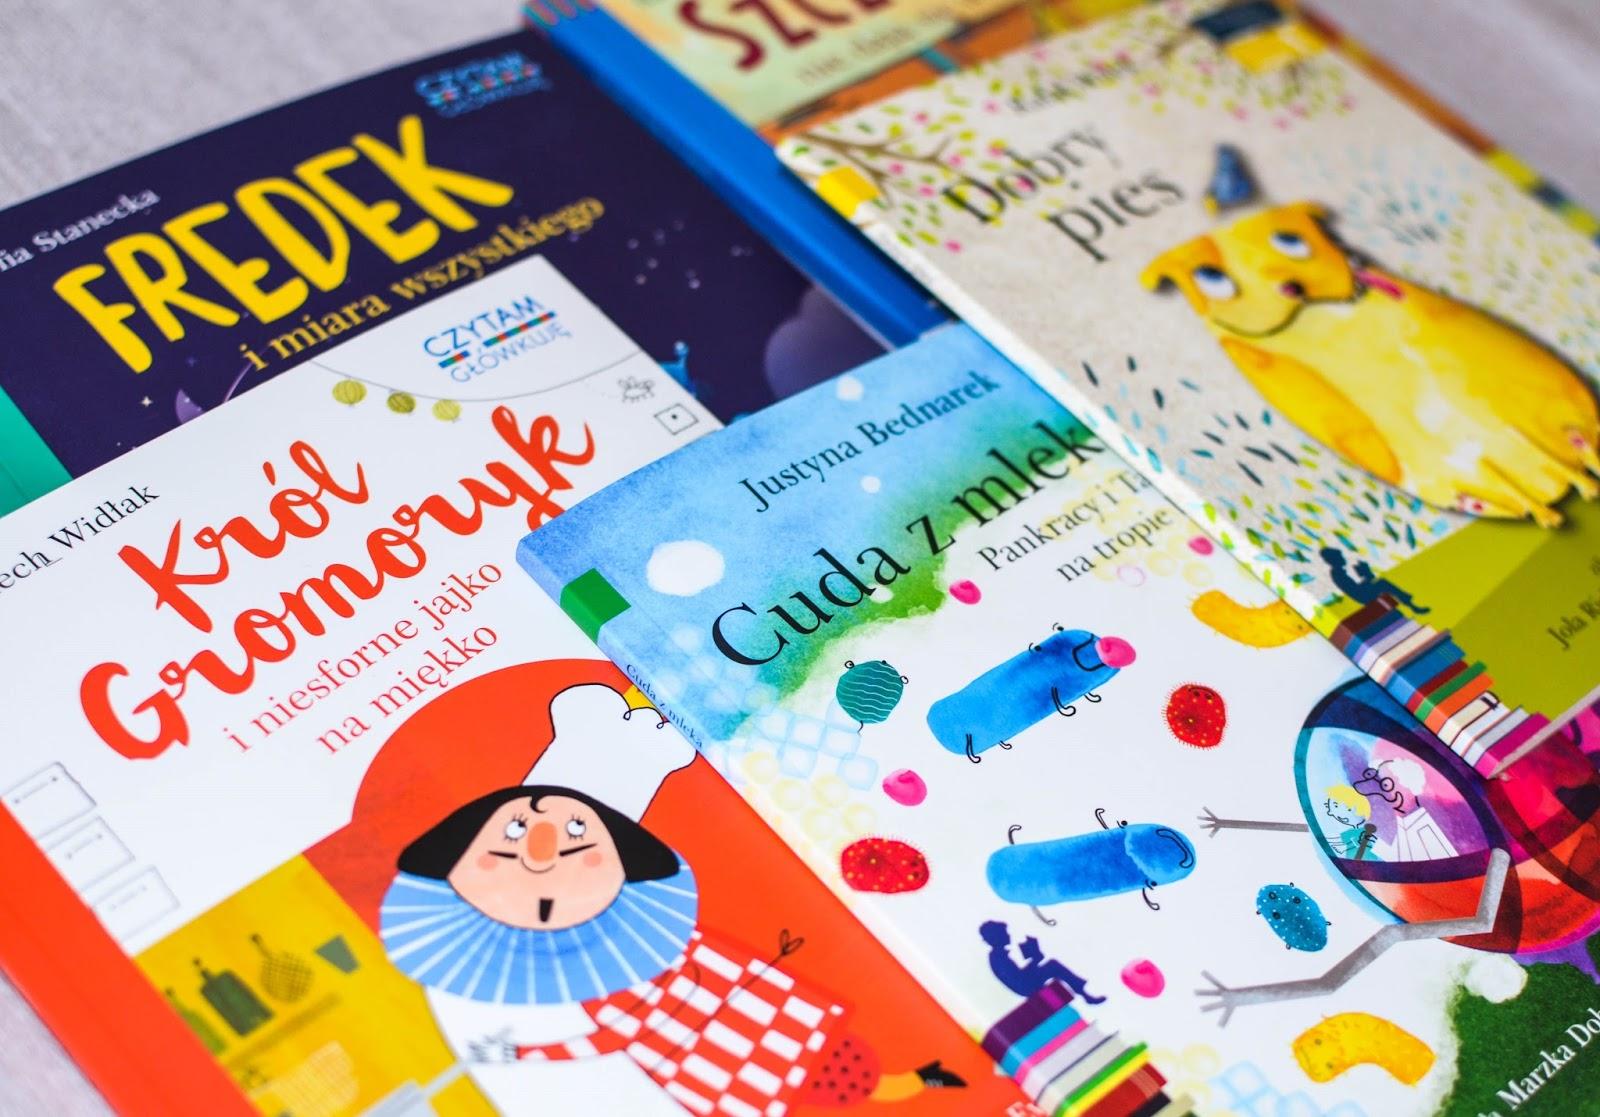 książki dla przedszkolaka, książki dla pięciolatka, łamigłówki dla dzieci, nauka czytania, książki dla uczniaka, Egmont, czytam sobie, czytam i główkuję